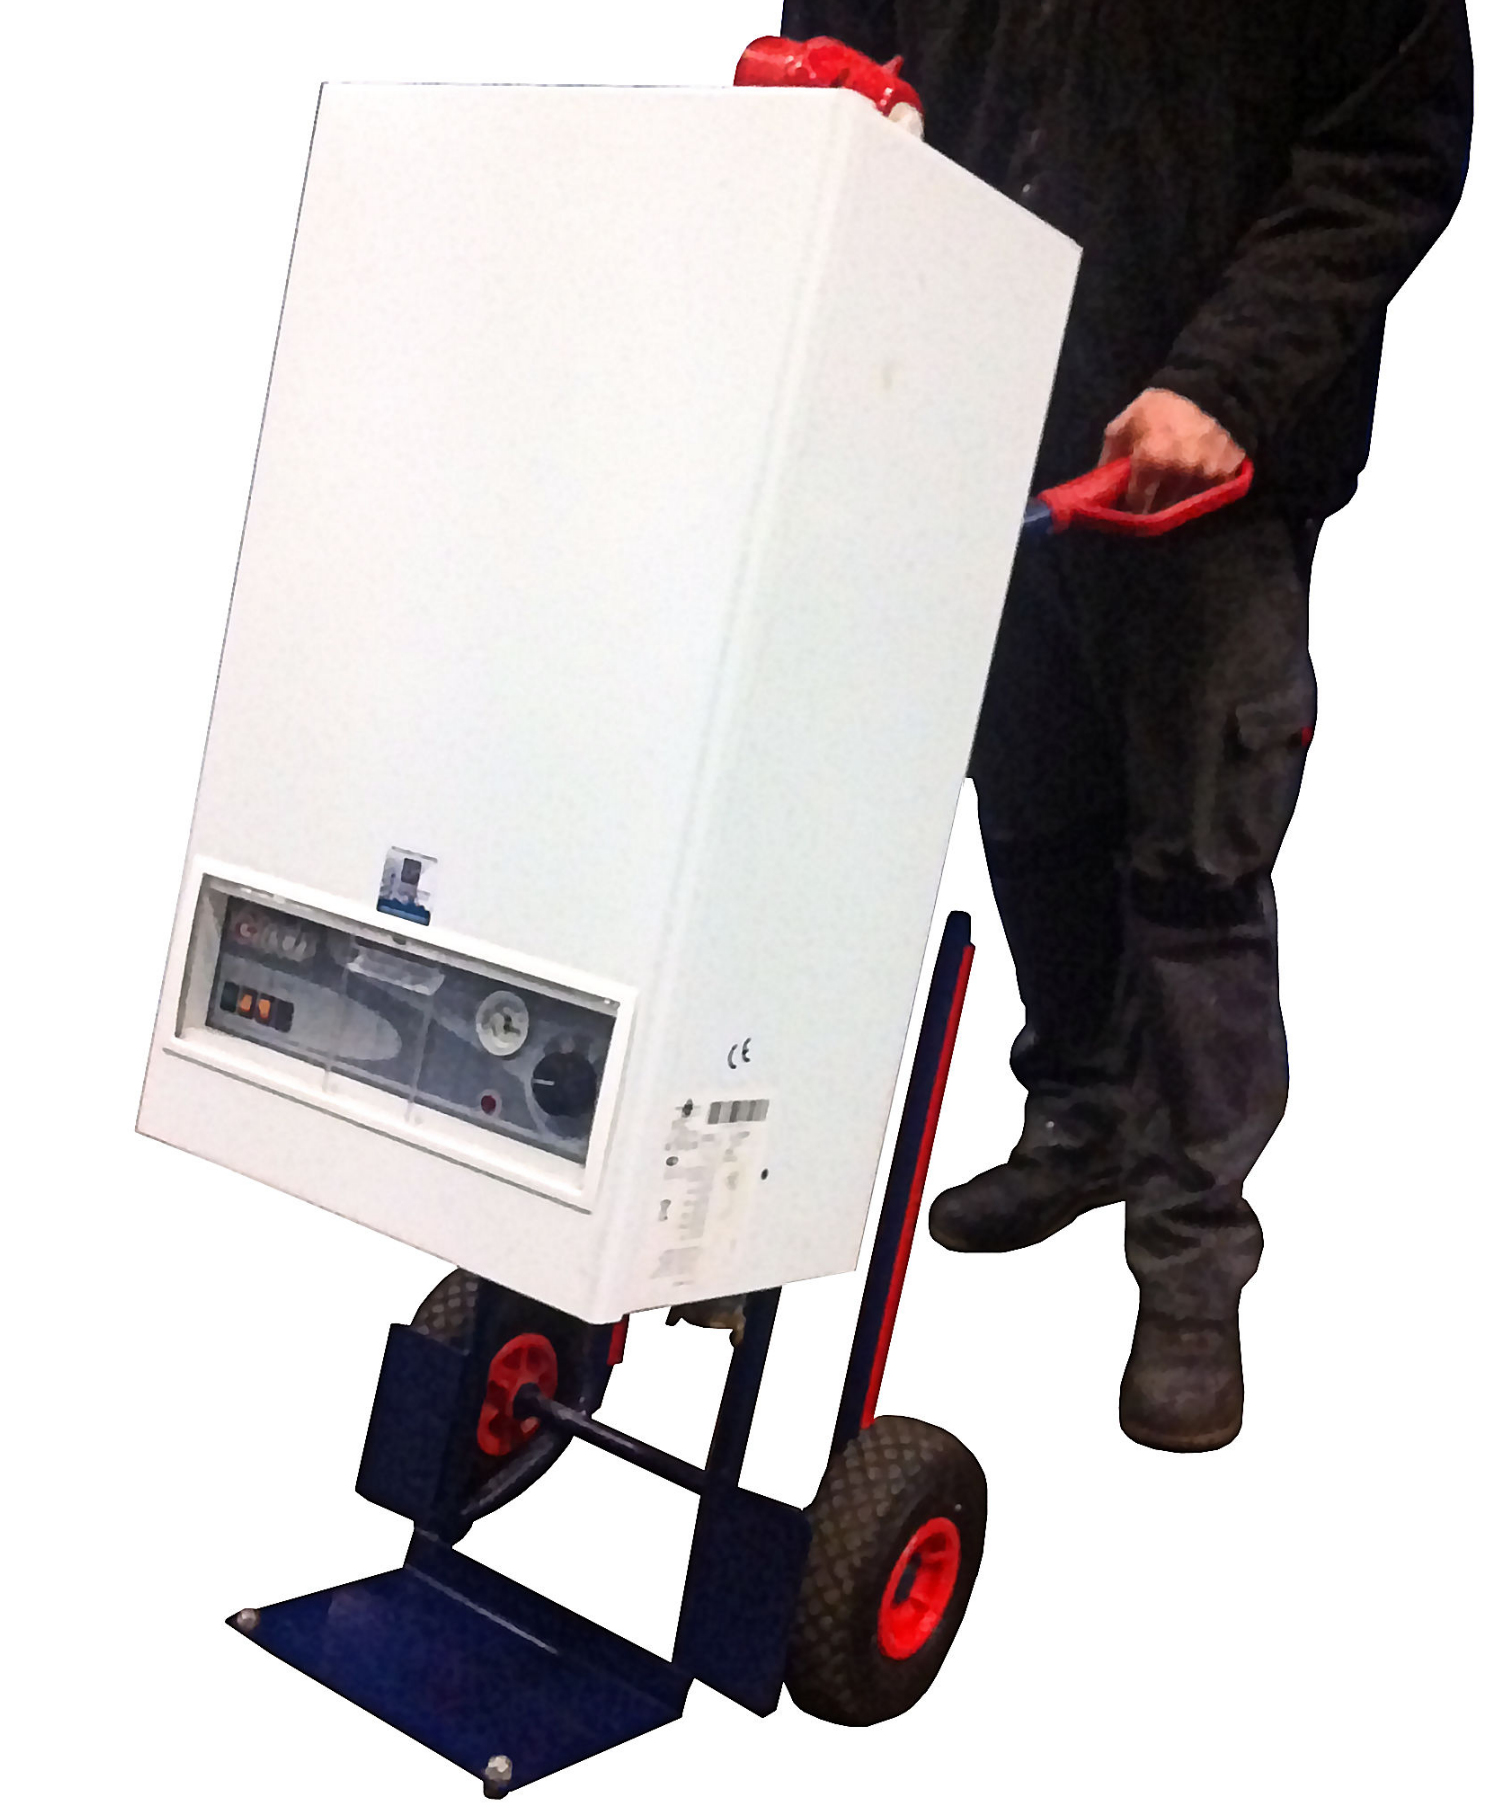 Elektro-Warmwasserheizung EWH-11